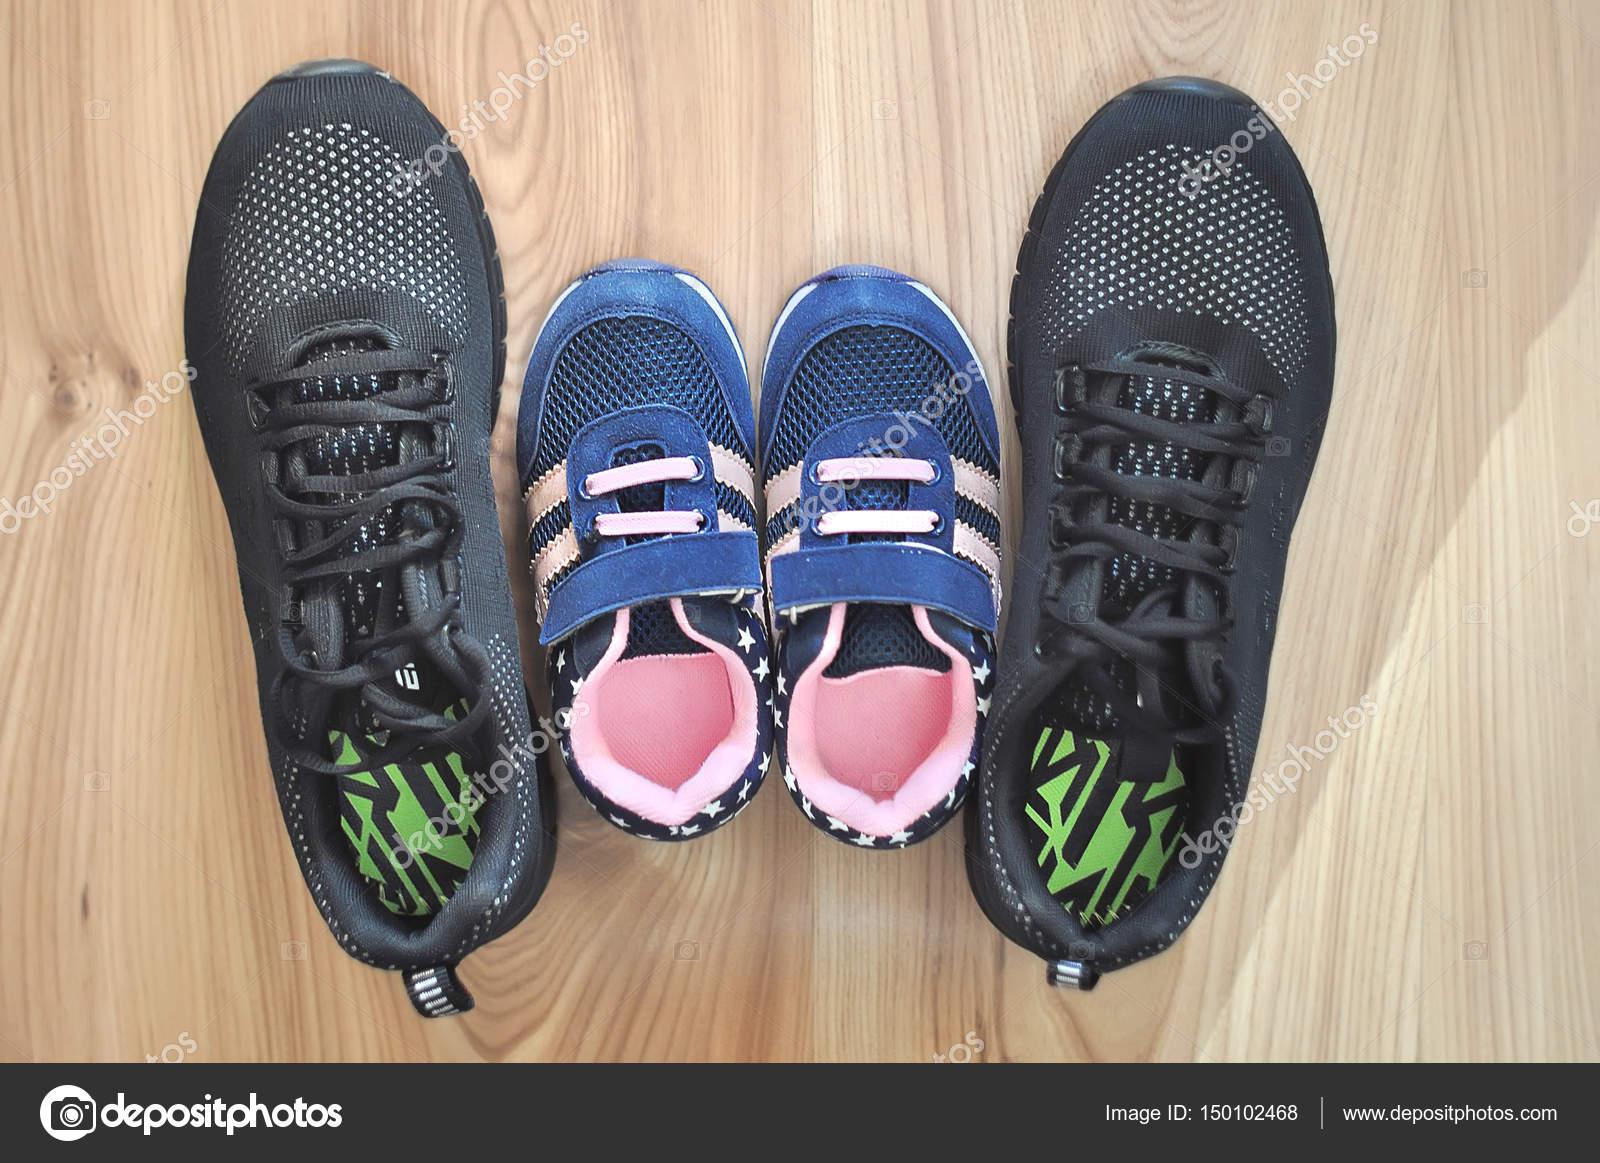 9fa0ce34af 2 ζεύγη σπορτέξ Παπούτσια γυναικεία και Παιδικά — Φωτογραφία Αρχείου ...